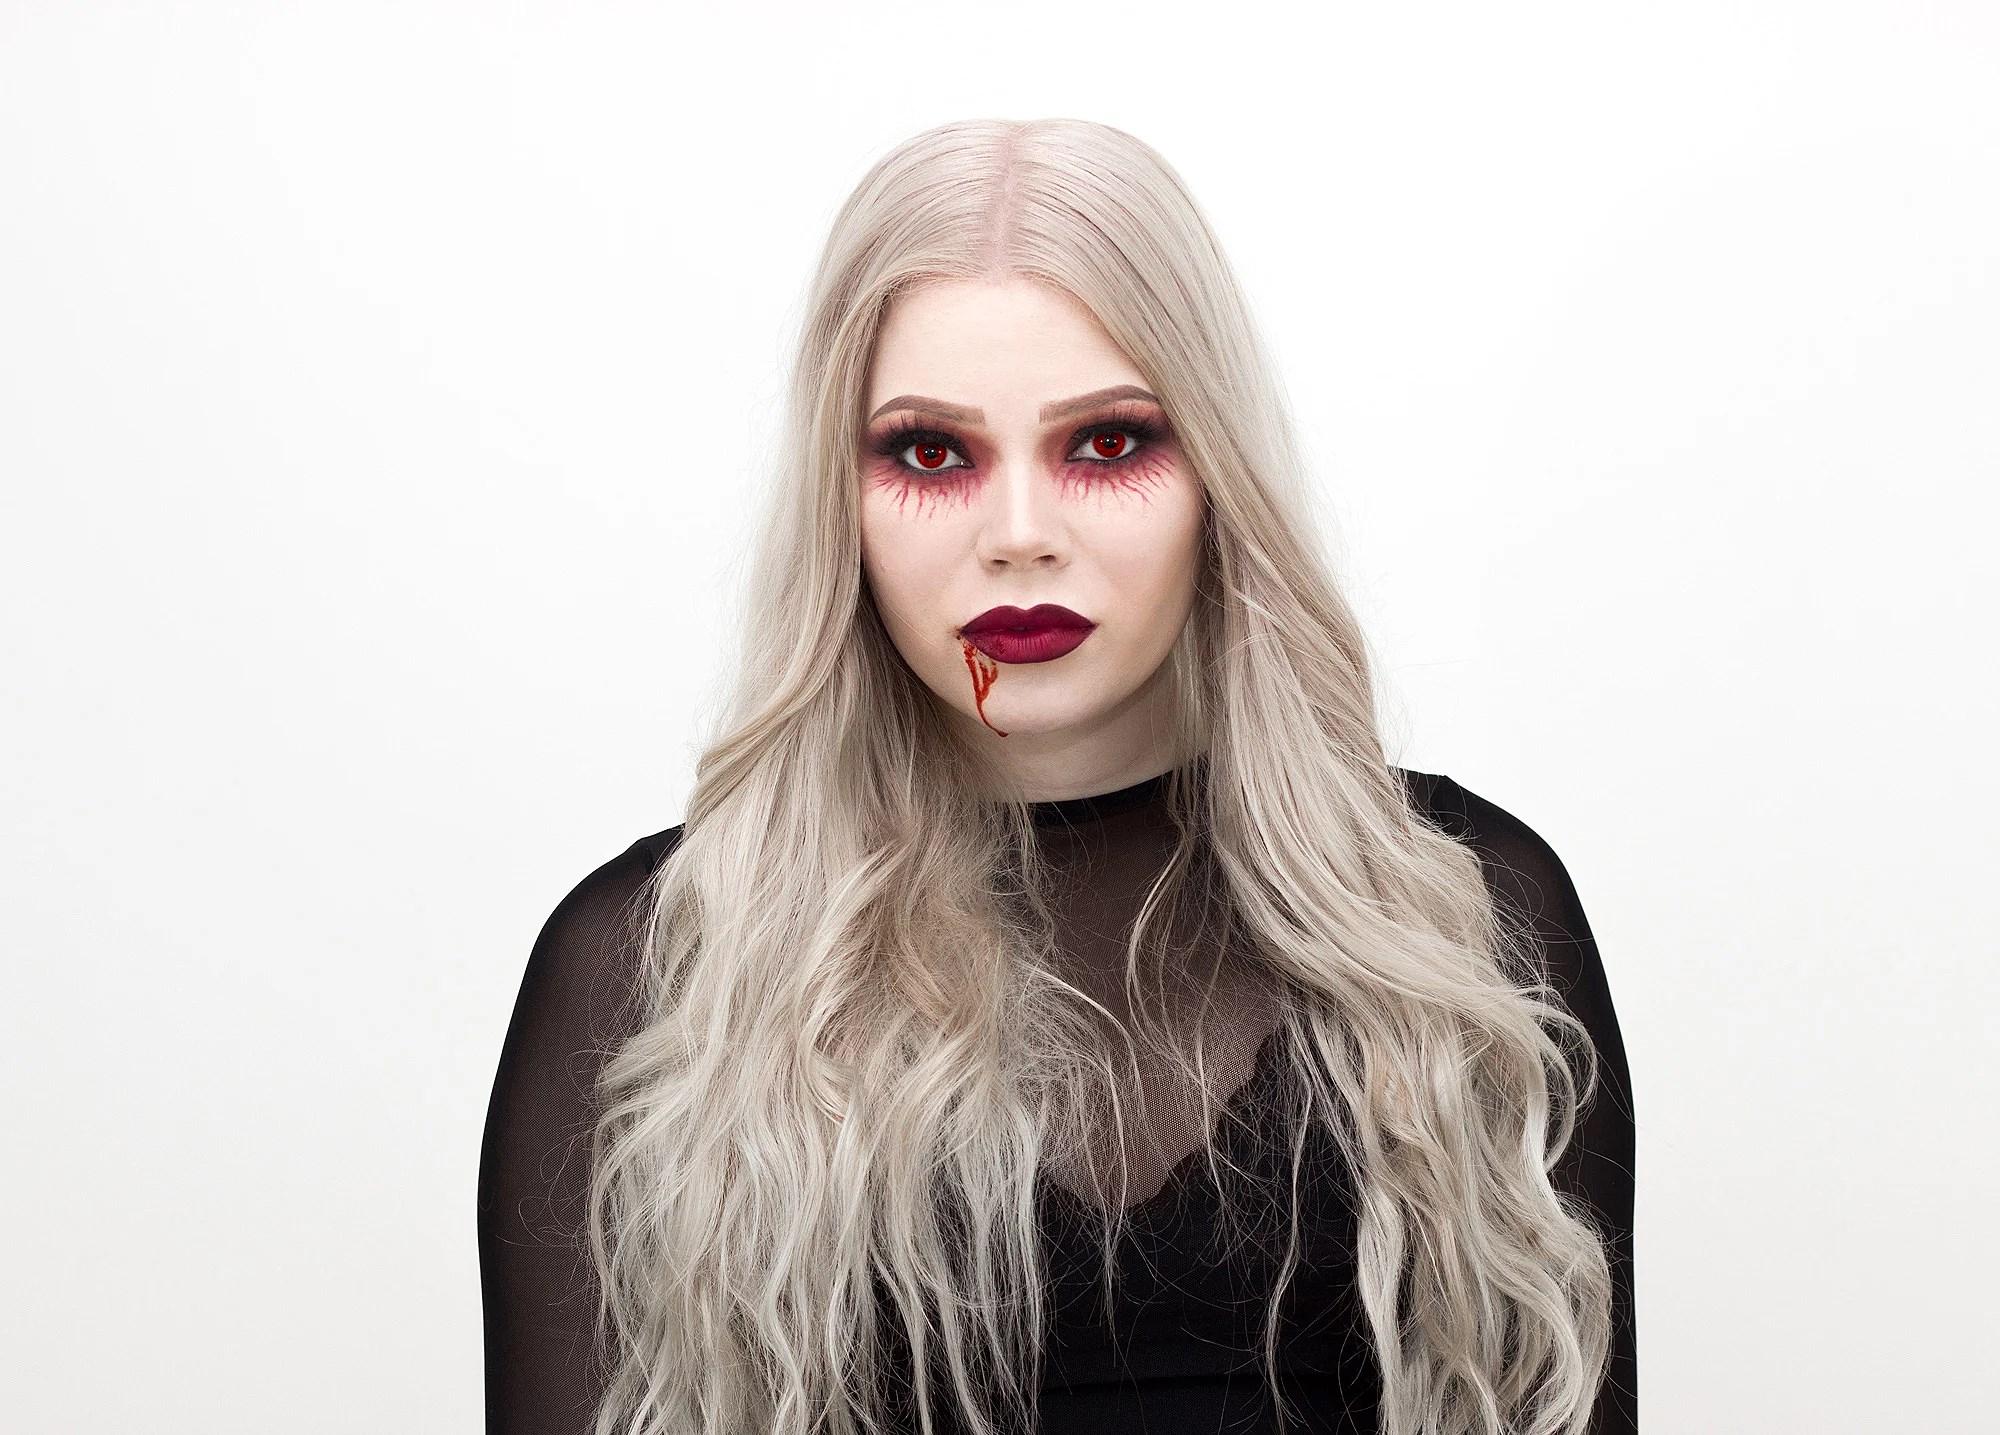 5x Halloween makeup